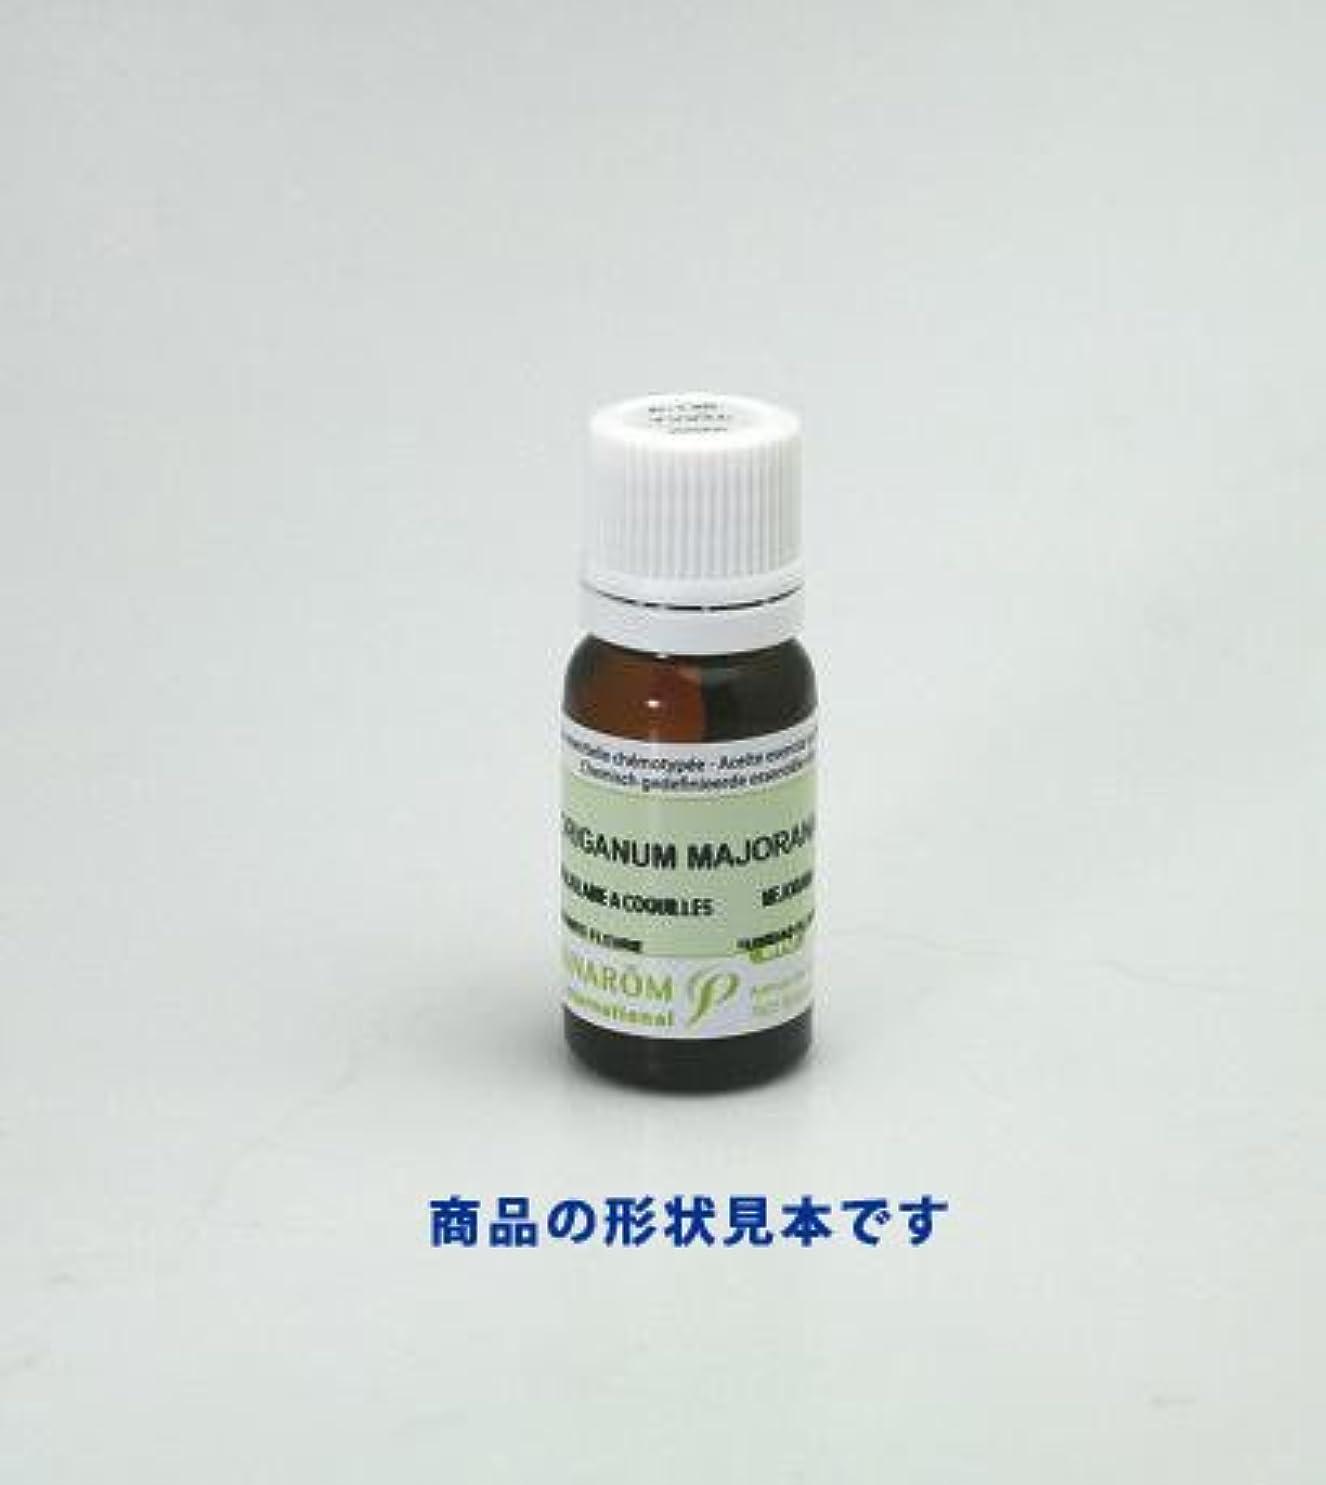 強制的告白危険なプラナロム社製精油:P-109 ティートゥリー(ティートリー)